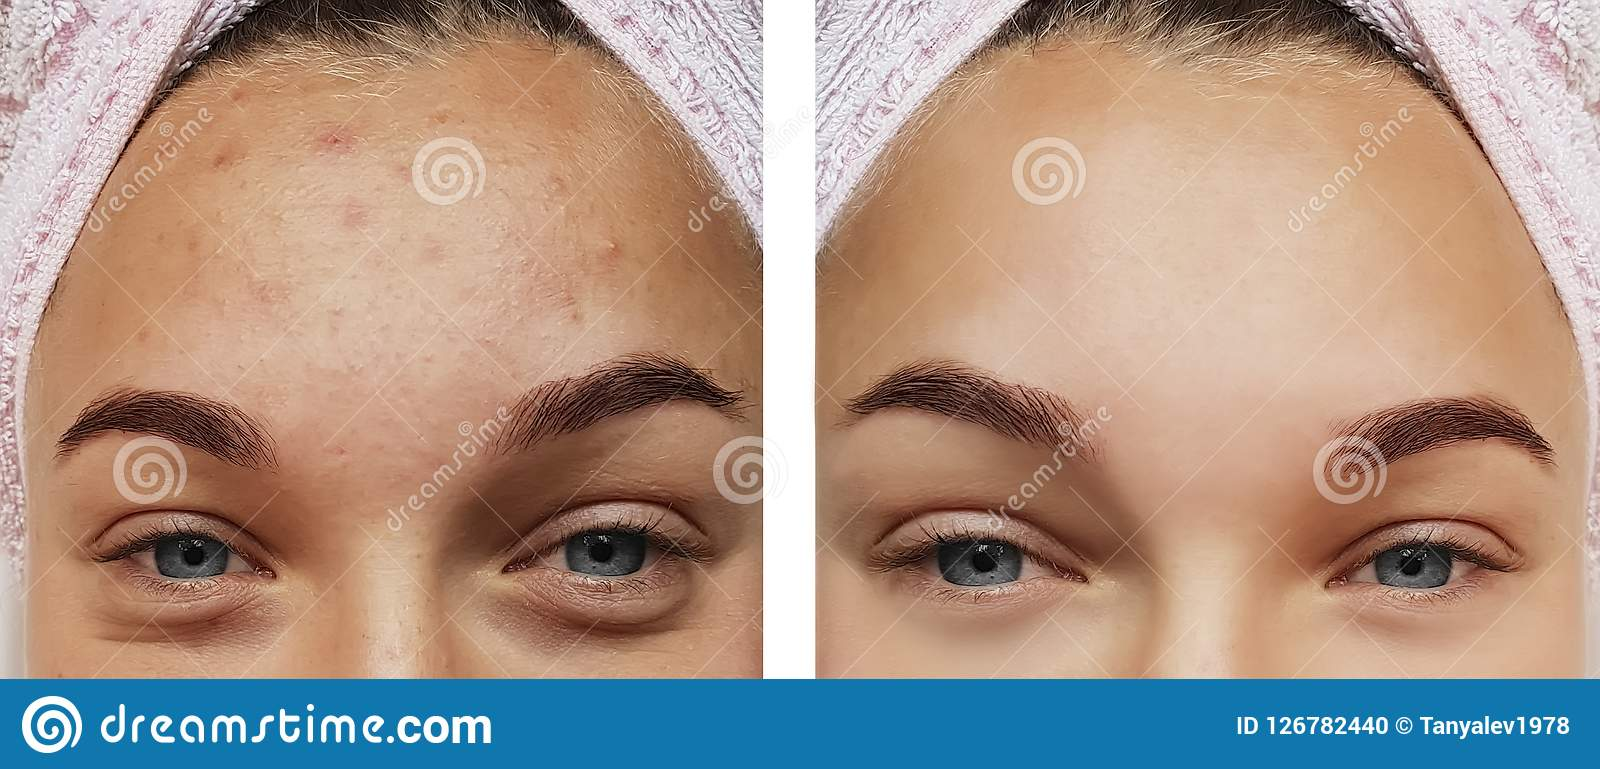 女孩眼睛治疗特写镜头,在做法前后的撤除,疗法粉刺